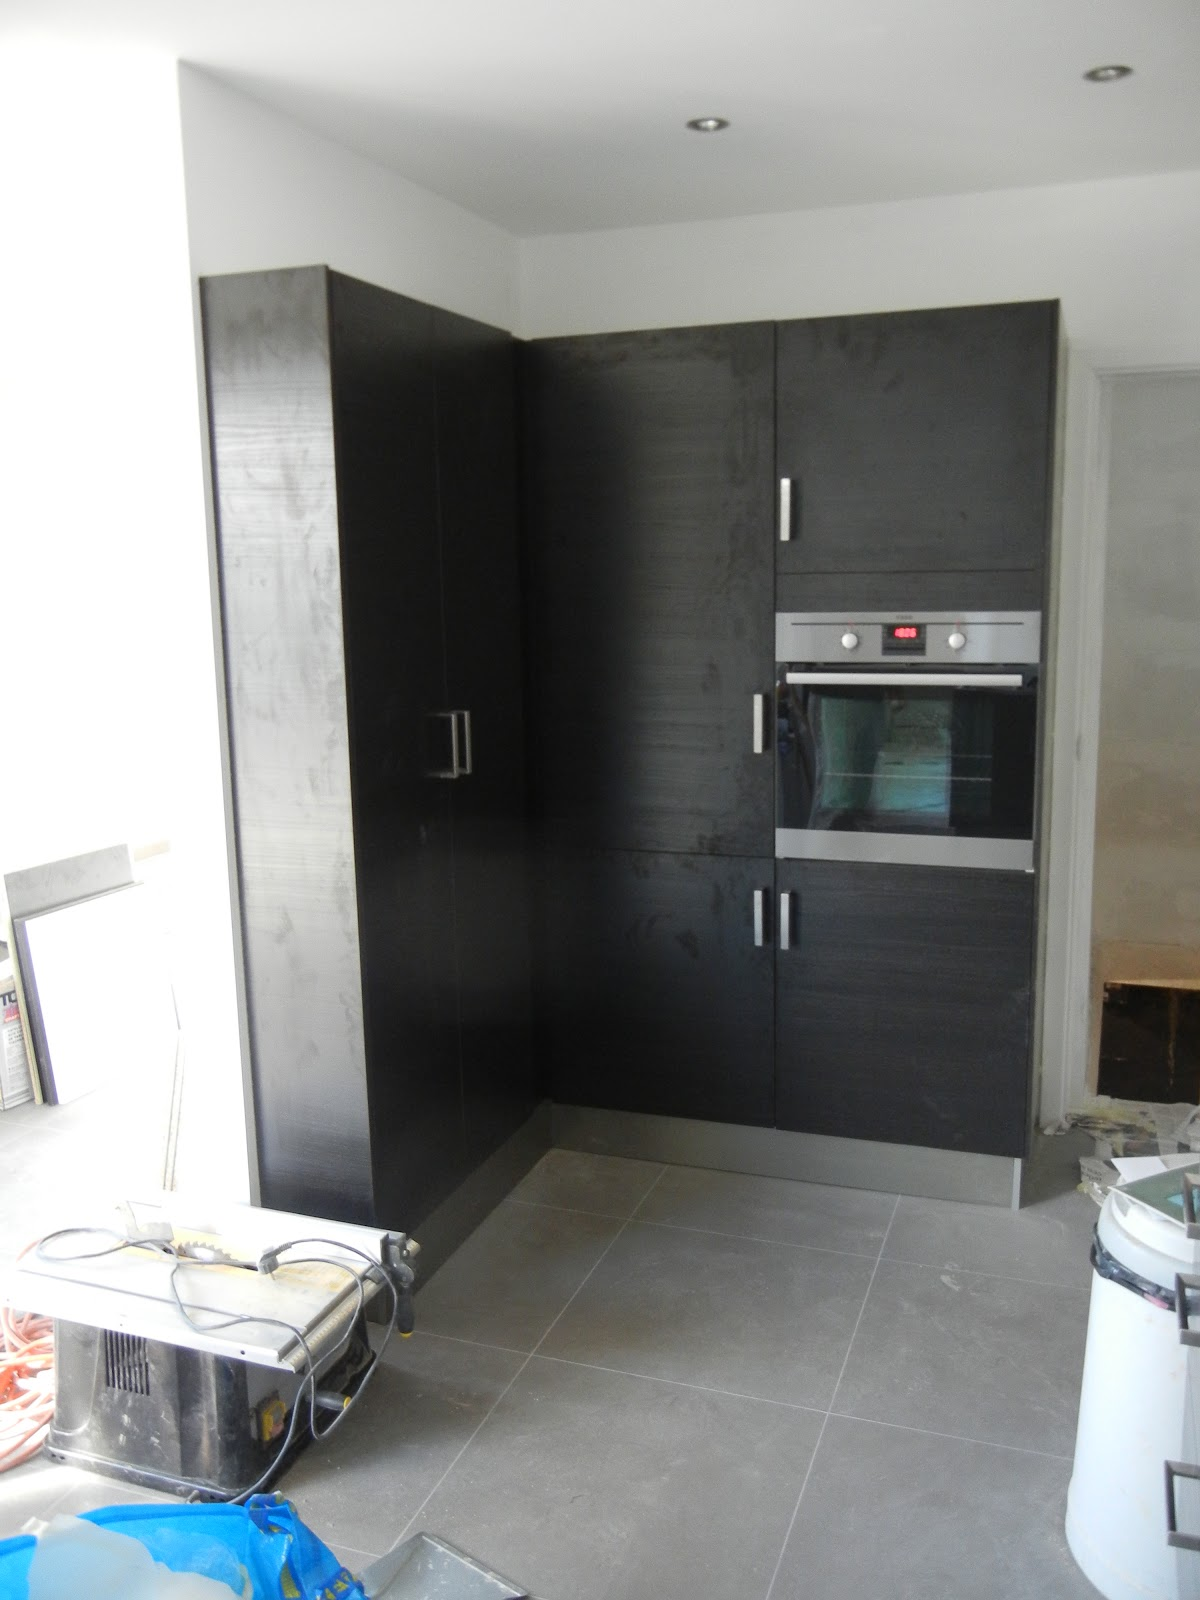 Wasbak Keuken Monteren : KLEERSNIJDERSLAAN 15: Verven en keuken monteren deel 99